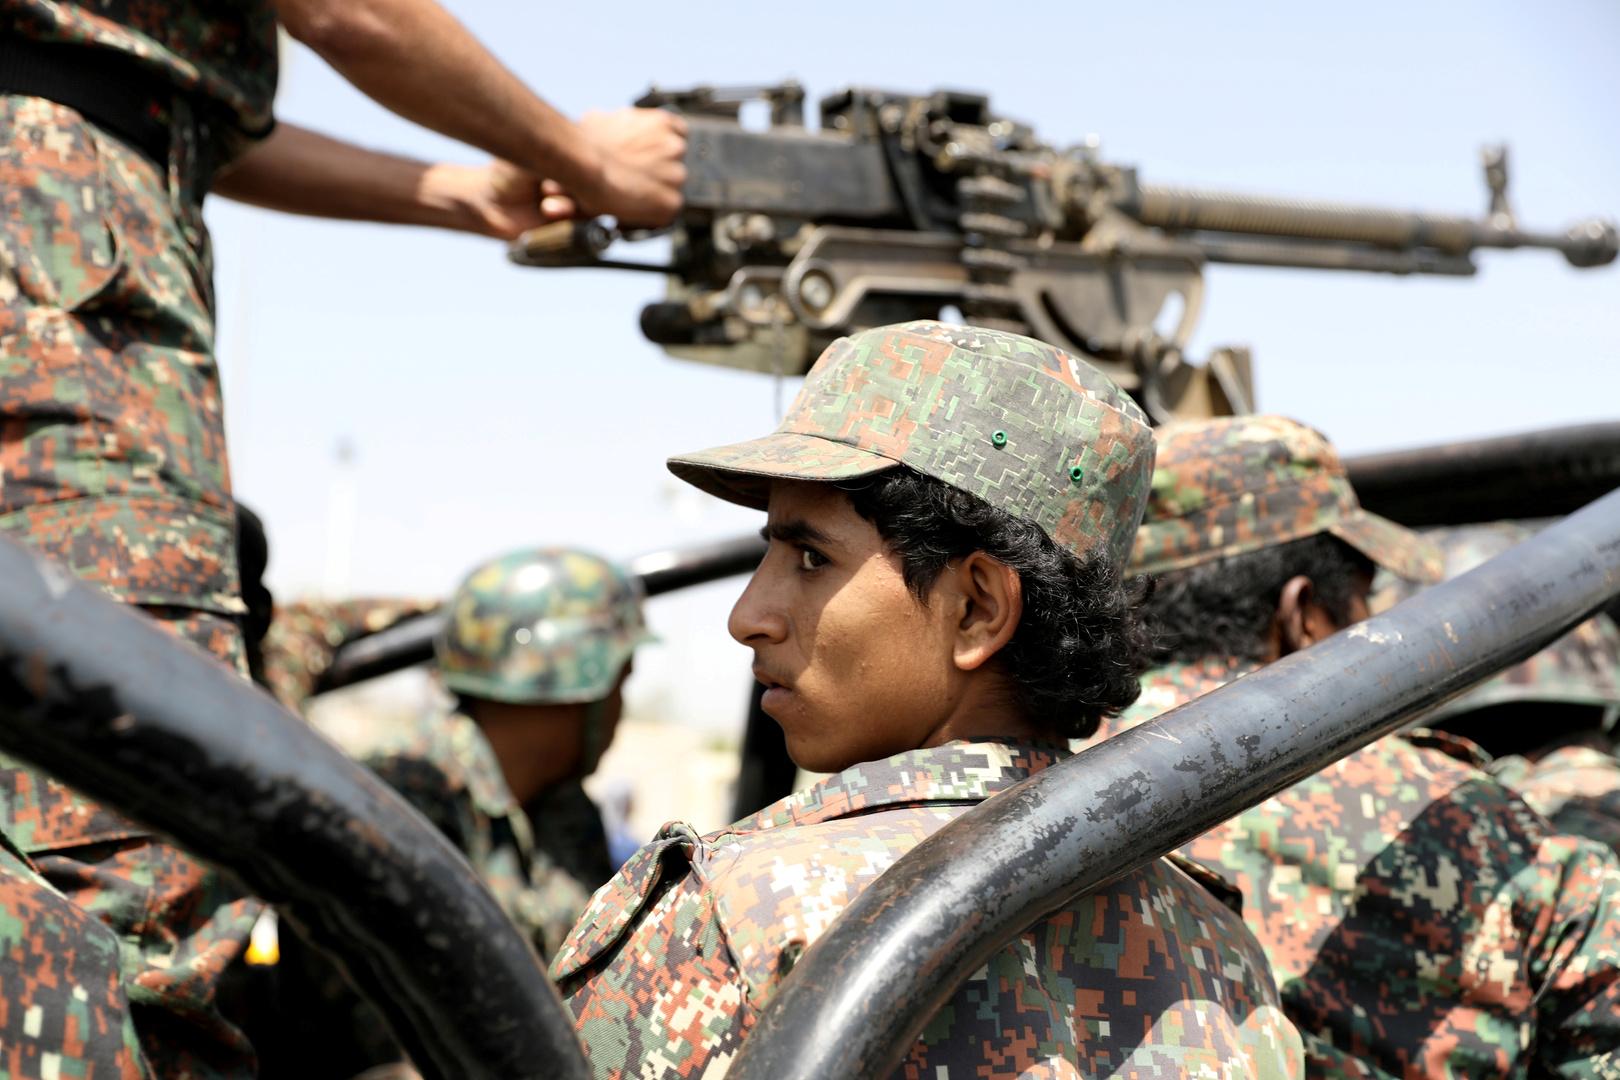 واشنطن: الحوثيون أضاعوا فرصة كبرى لإظهار التزامهم بالسلام